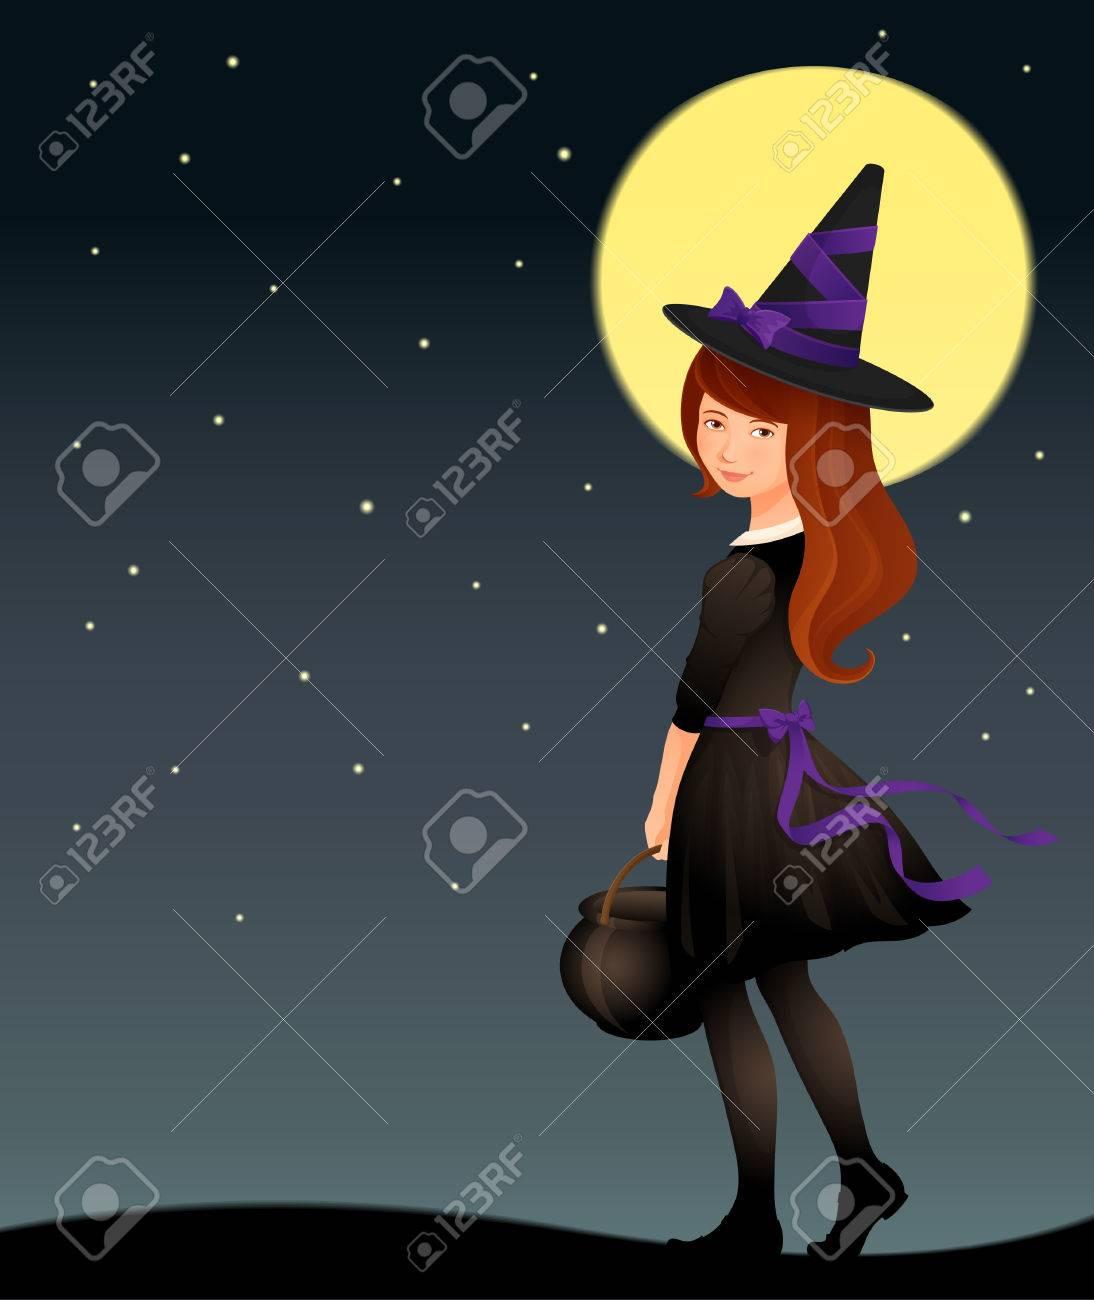 ハロウィーンの夜の星空のかわいい魔女の少女のイラストのイラスト素材